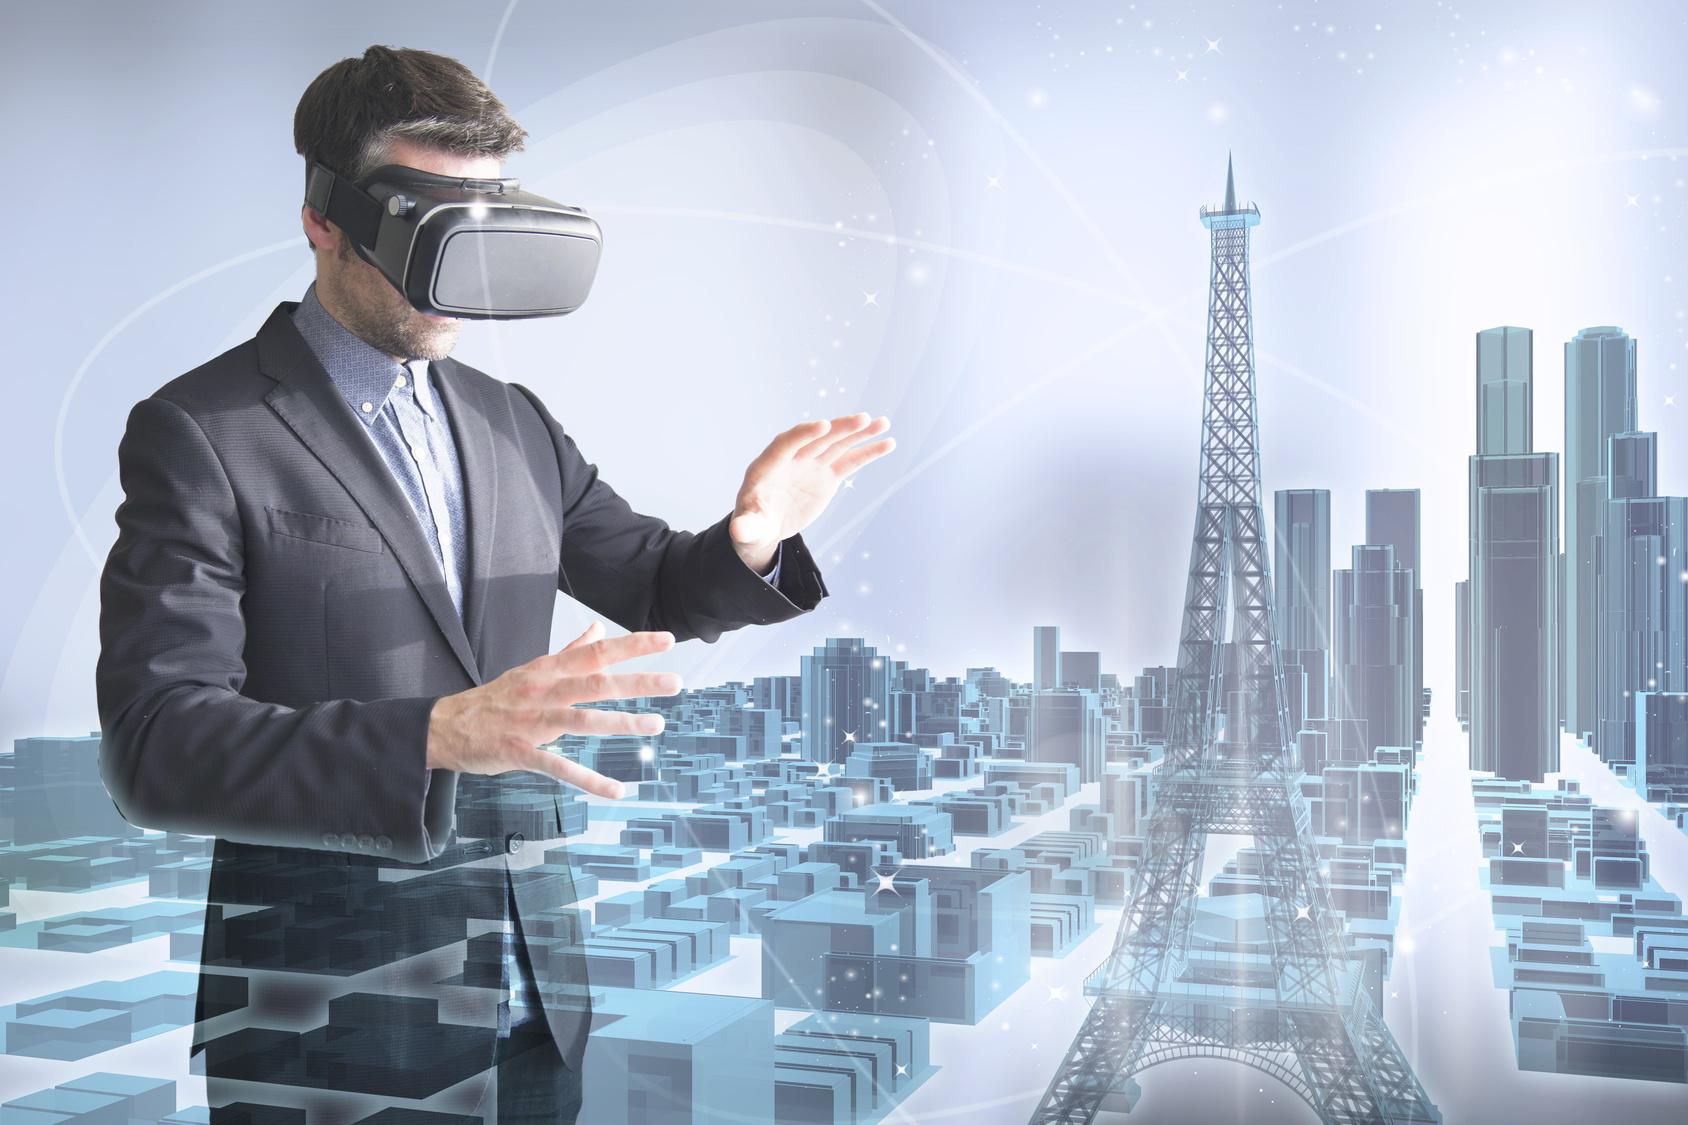 La réalité augmentée (AR)